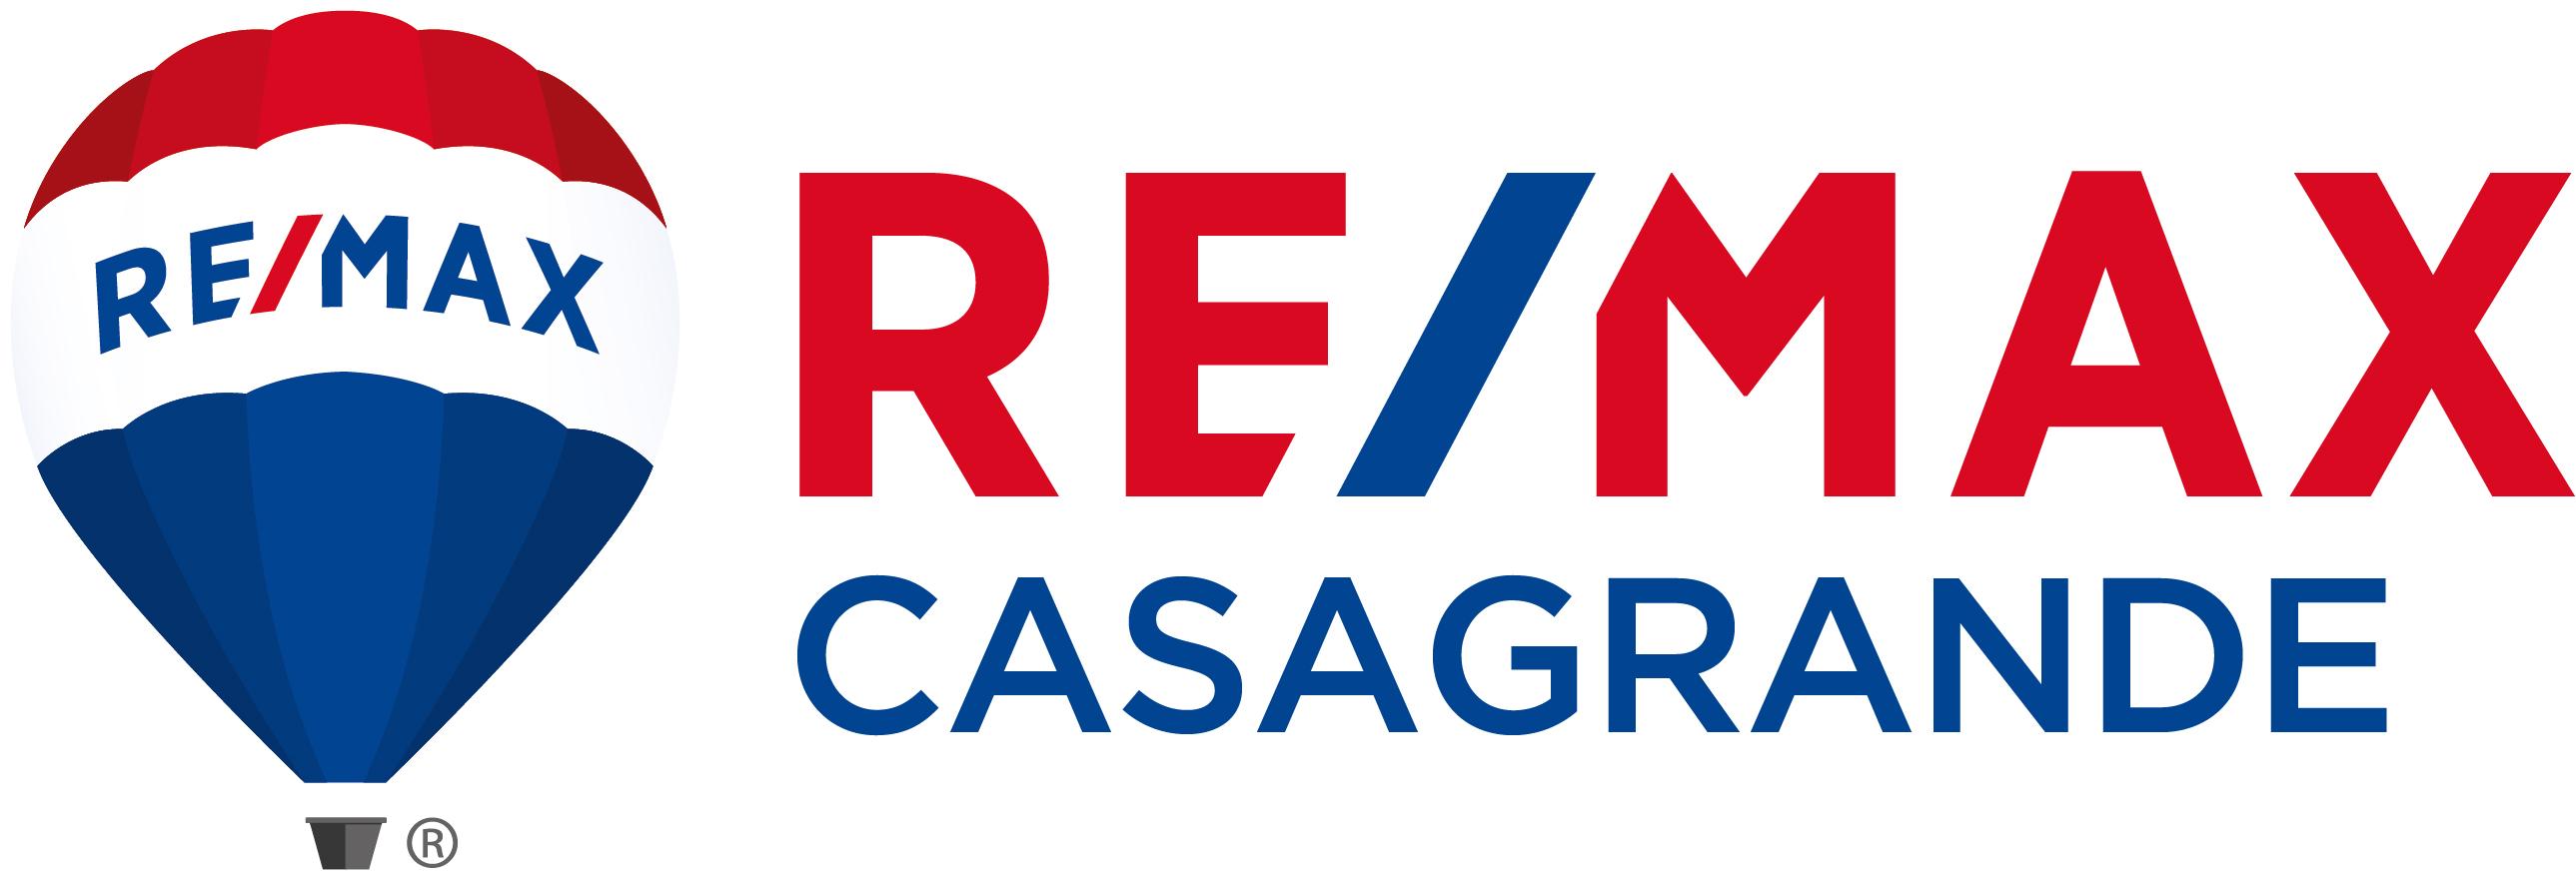 RE/MAX Casagrande